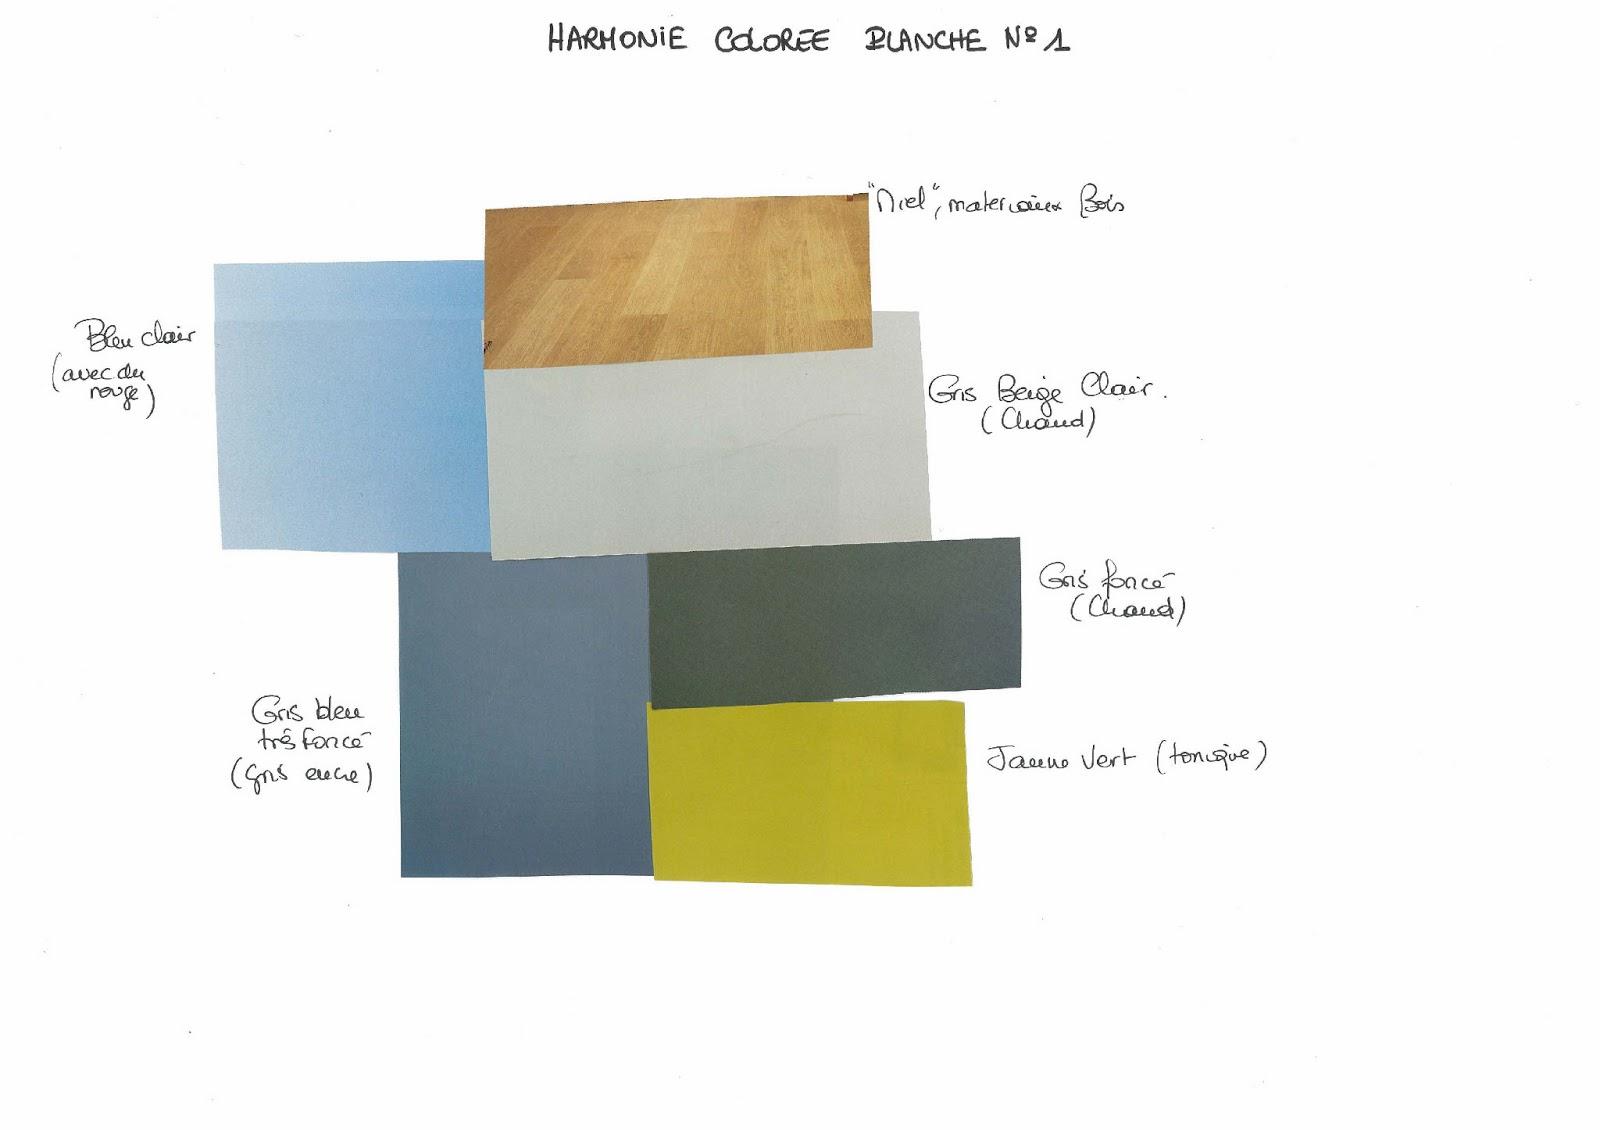 D co design se former s 39 informer comment composer - L harmonie des couleurs ...